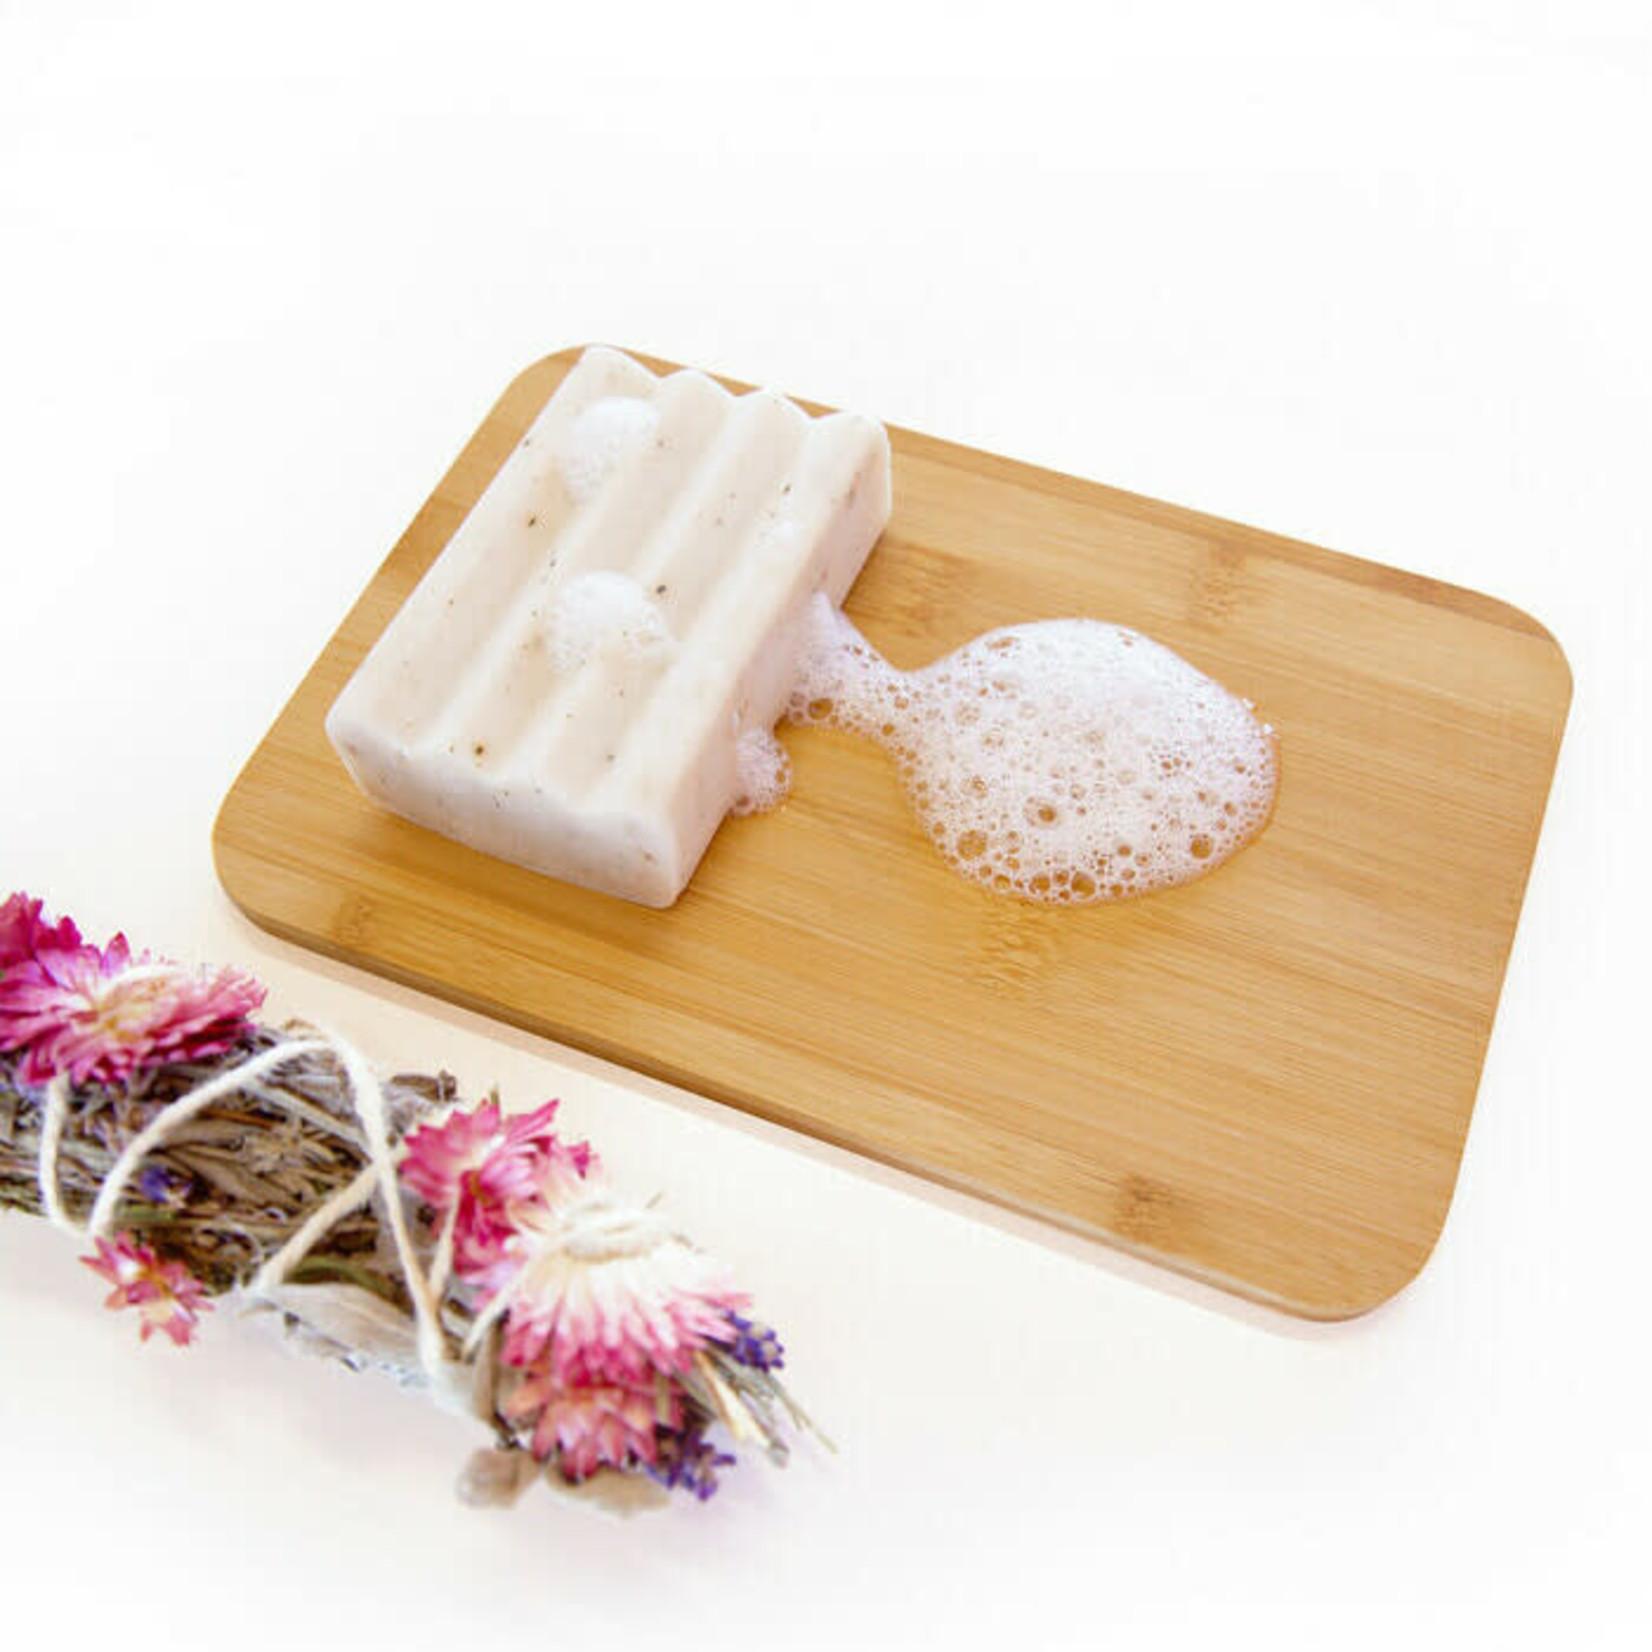 HannahPad Hannahpad Probiotic Laundry Soap